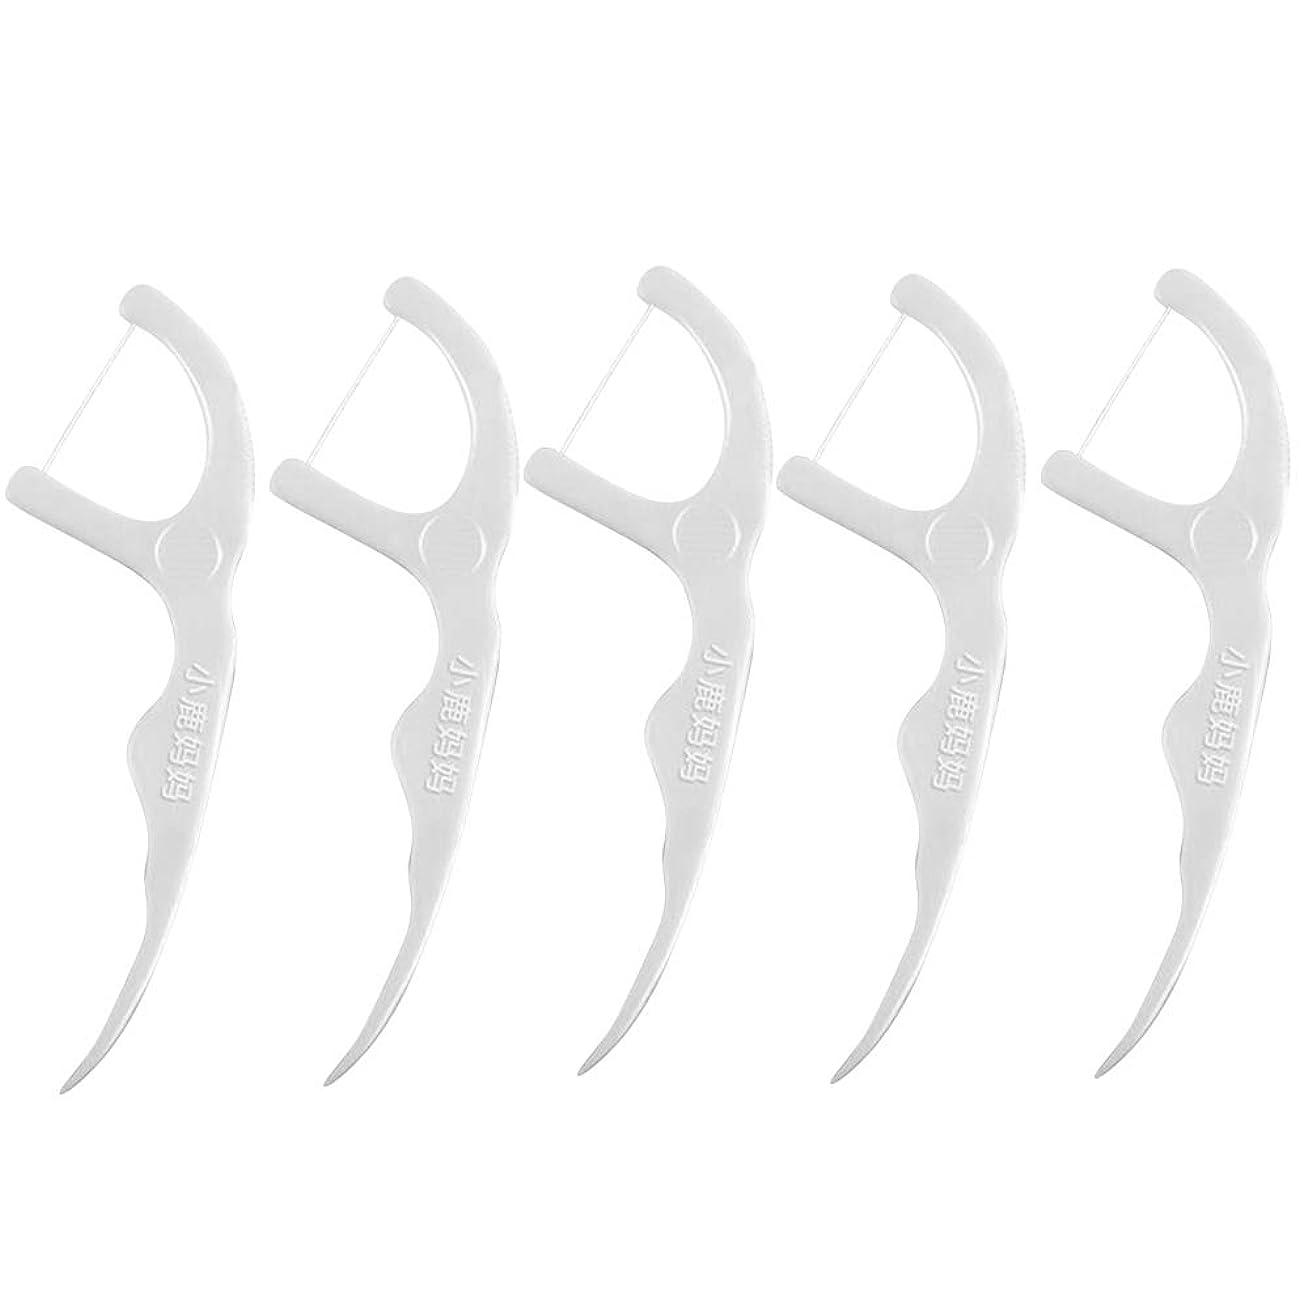 提供するアスリートラインHealifty つまようじフロススティックポータブル歯のクリーニングツールセット50個